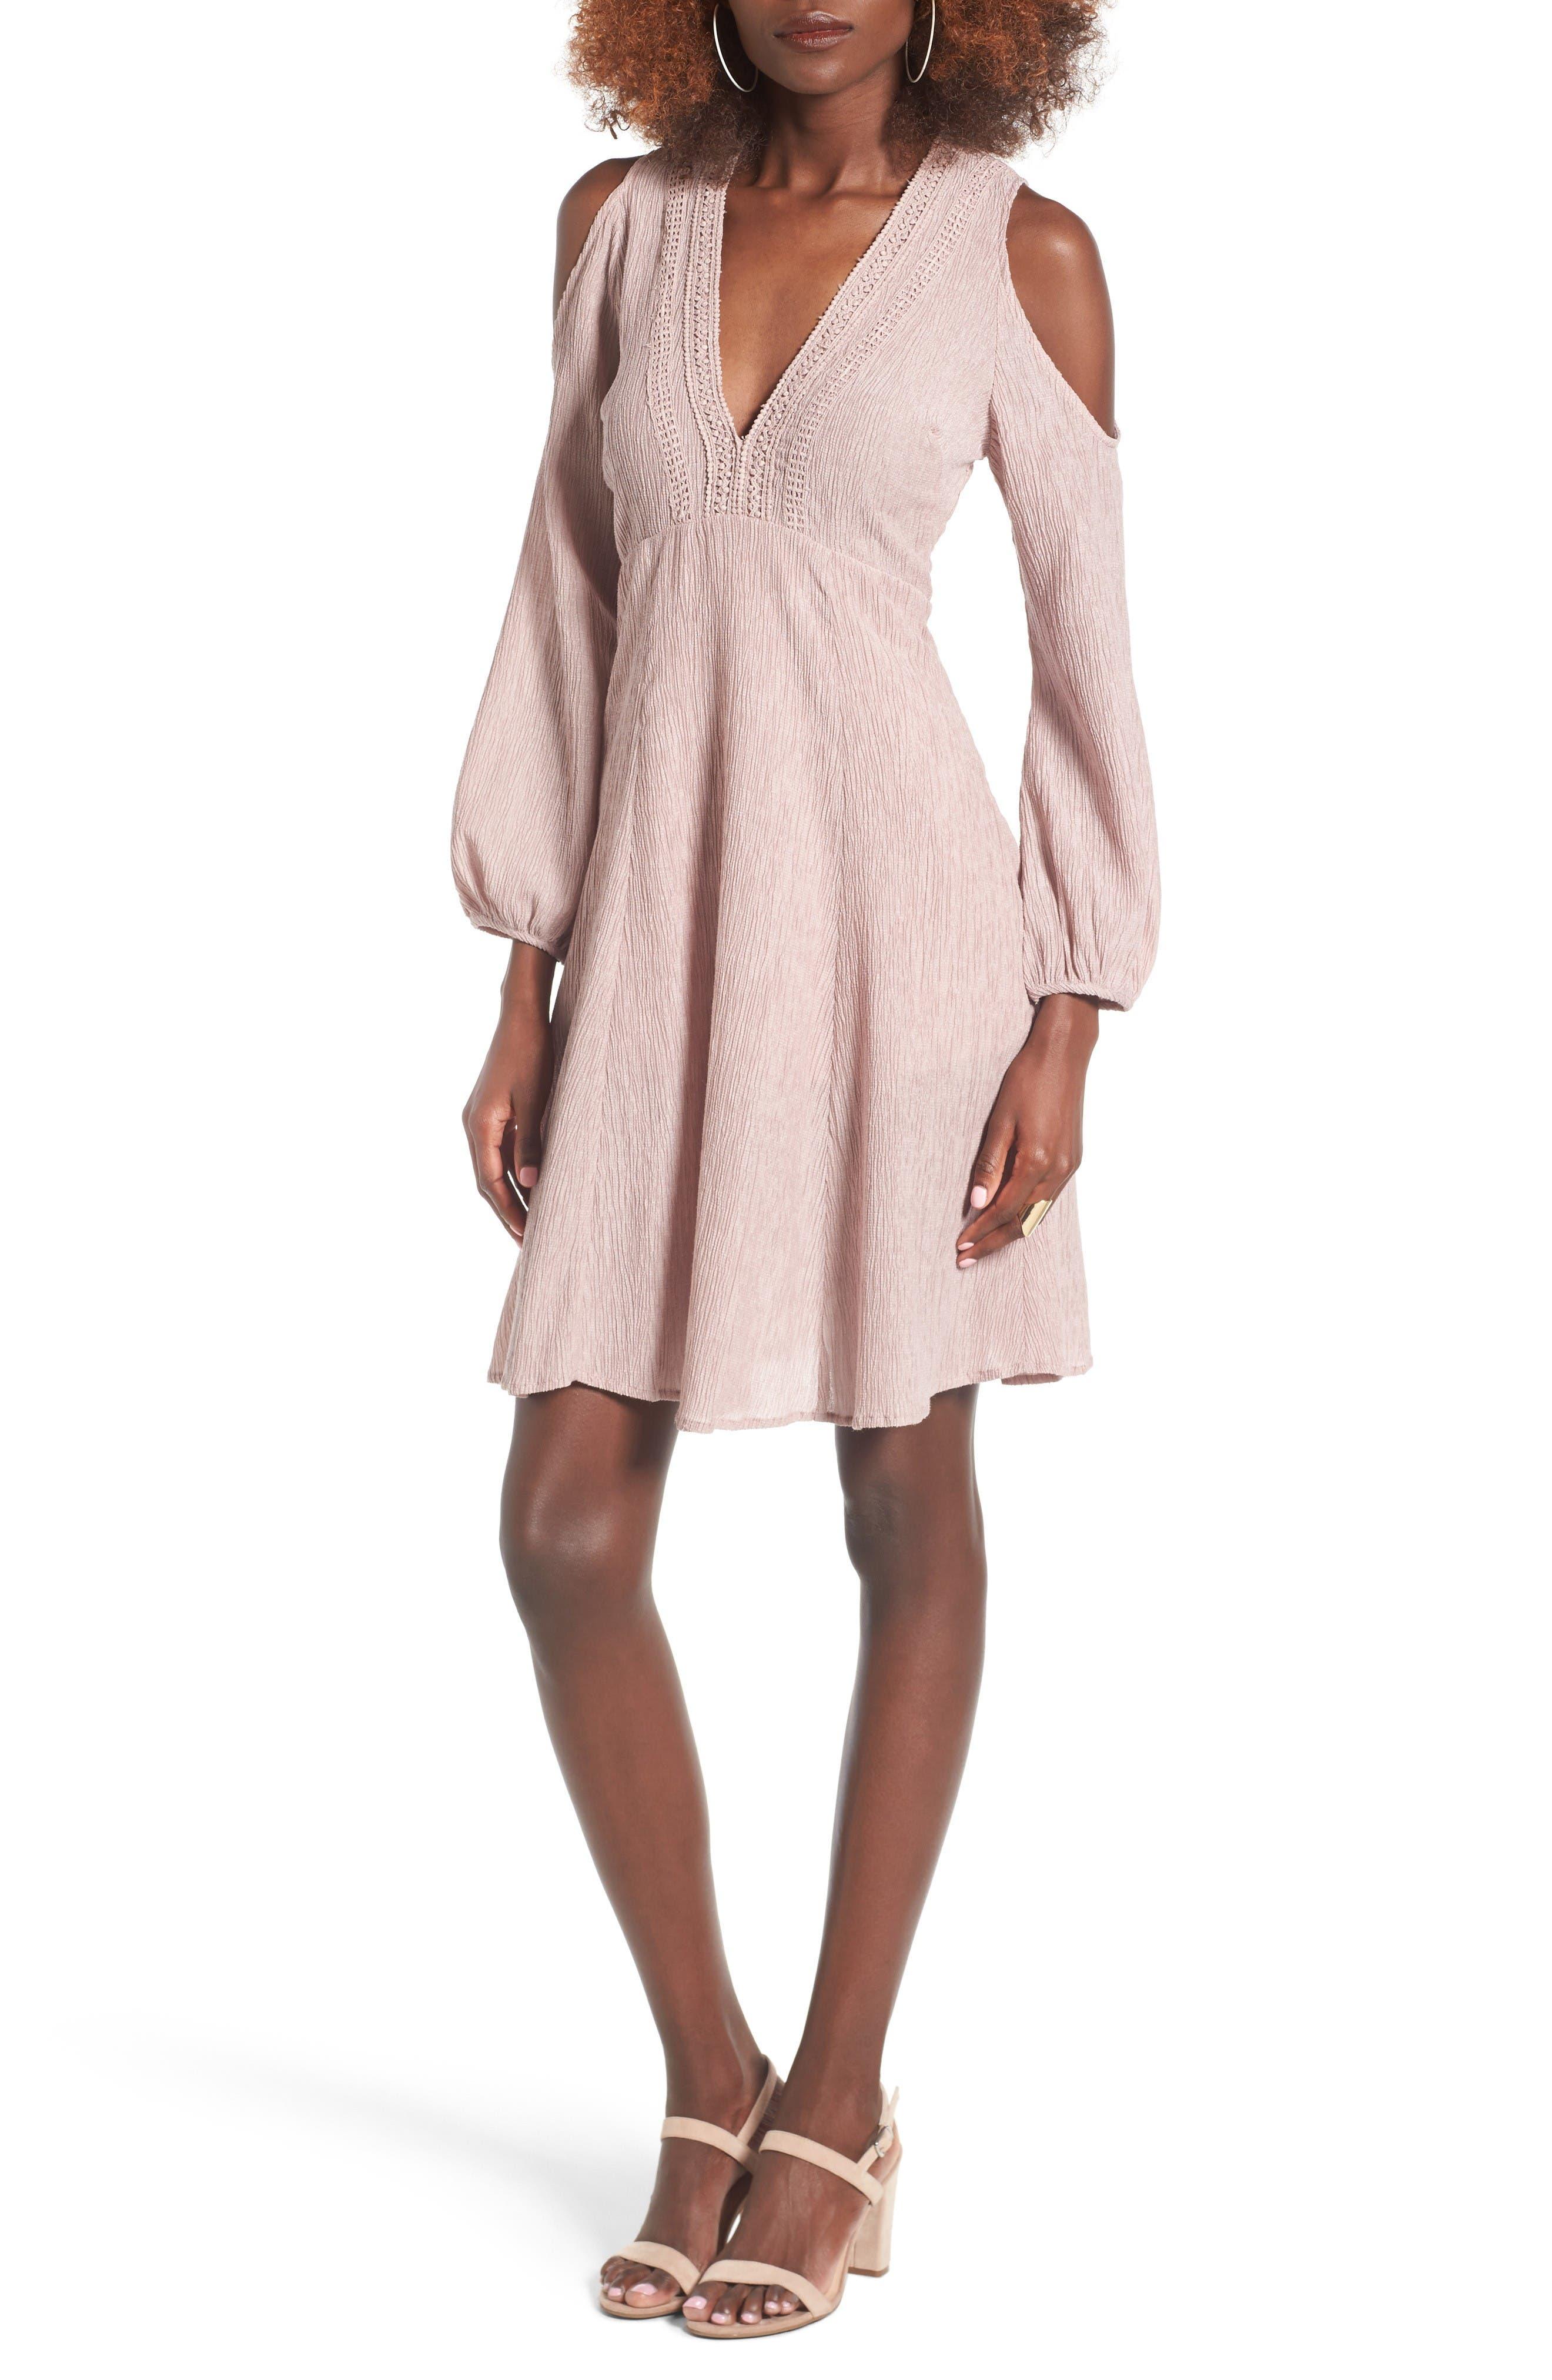 Alternate Image 1 Selected - Lush Cold Shoulder Dress